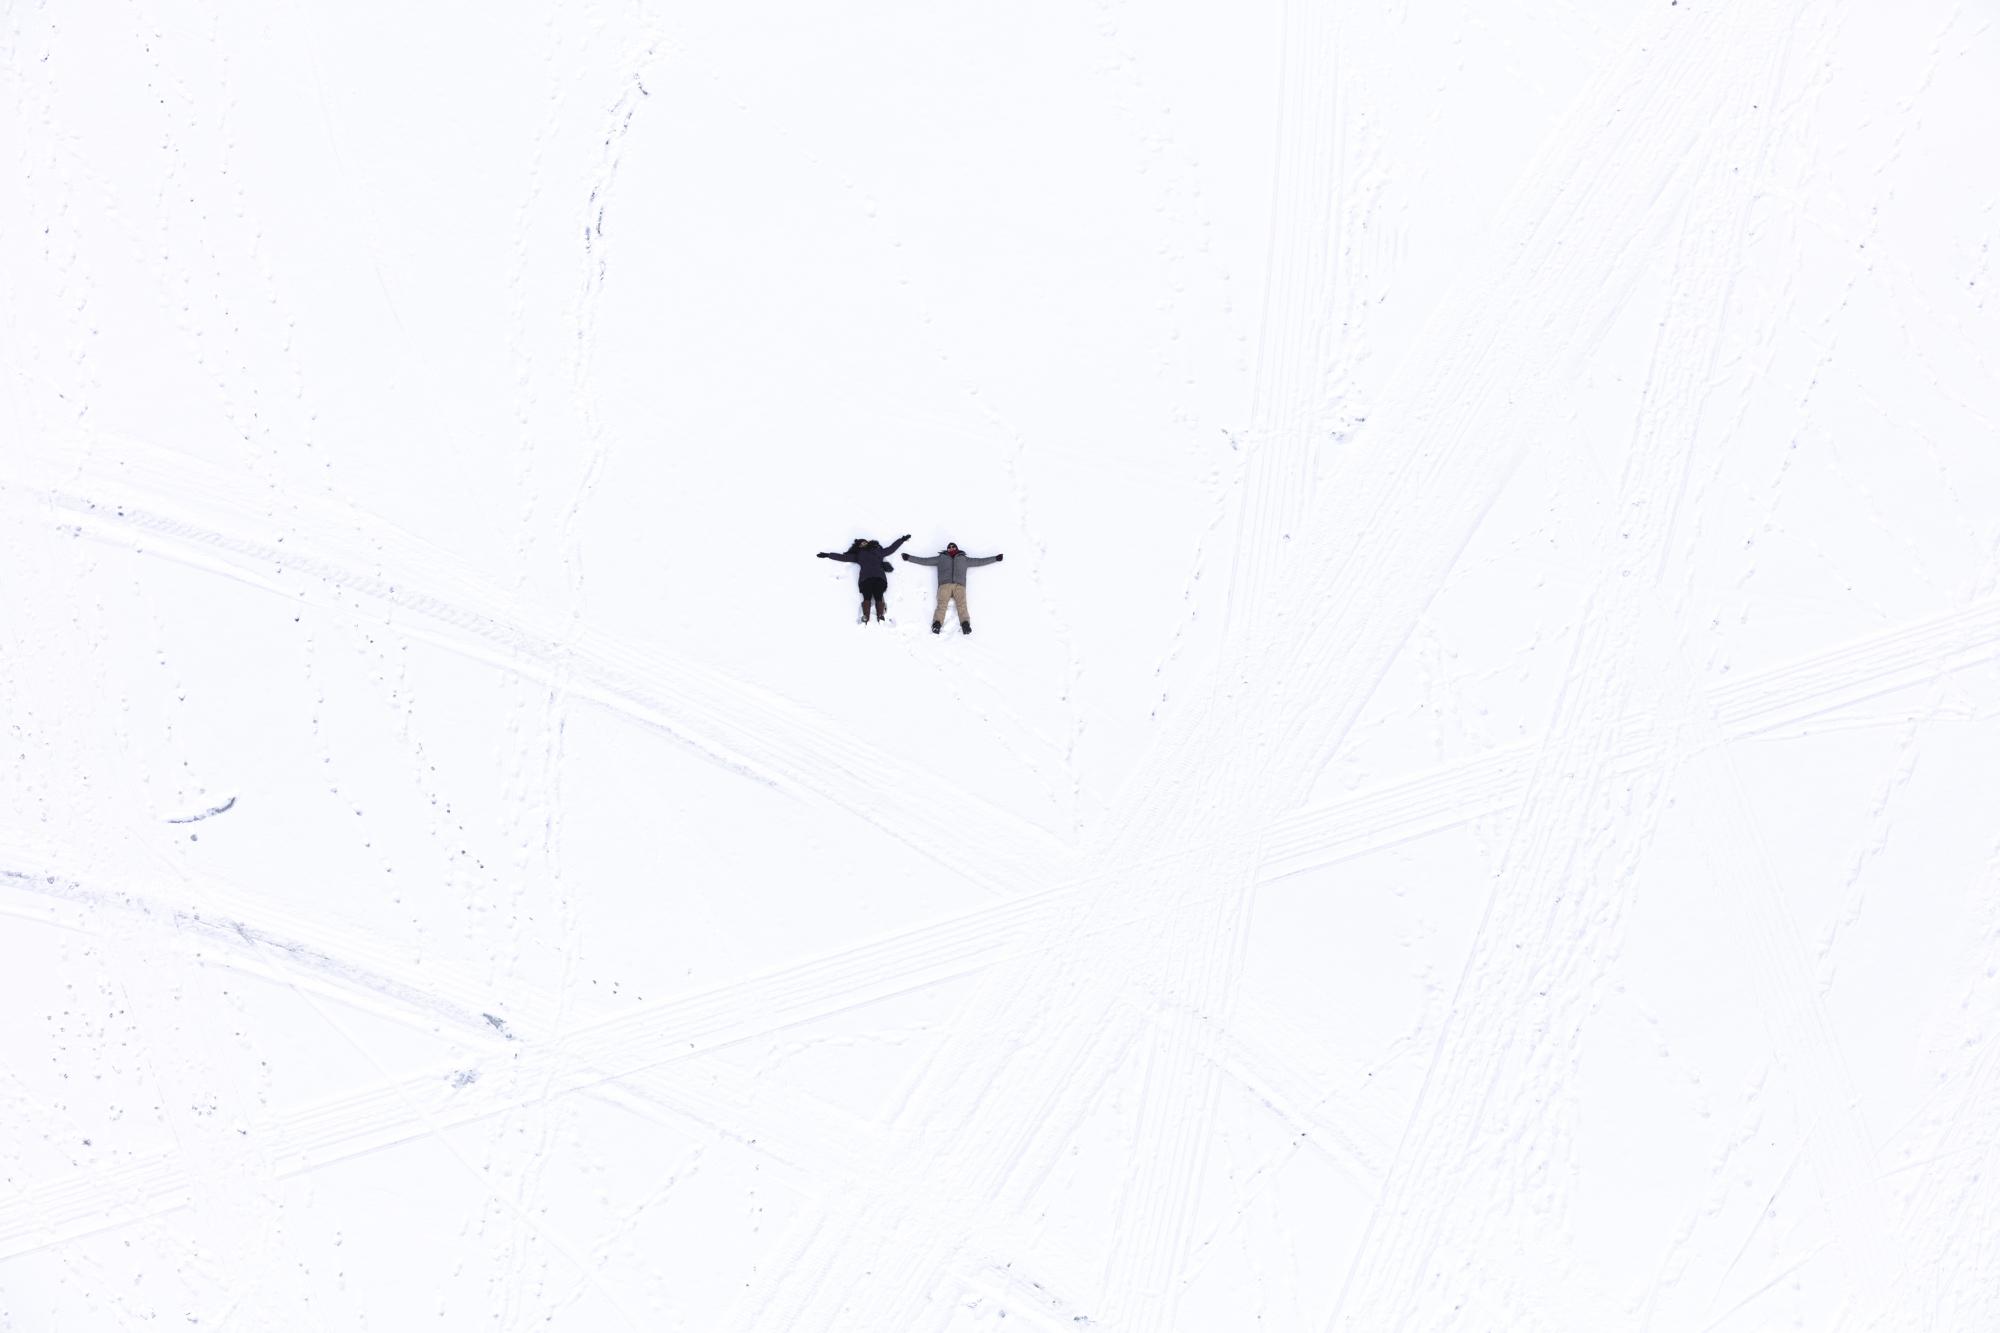 160206_WinterAerials_01033T.JPG